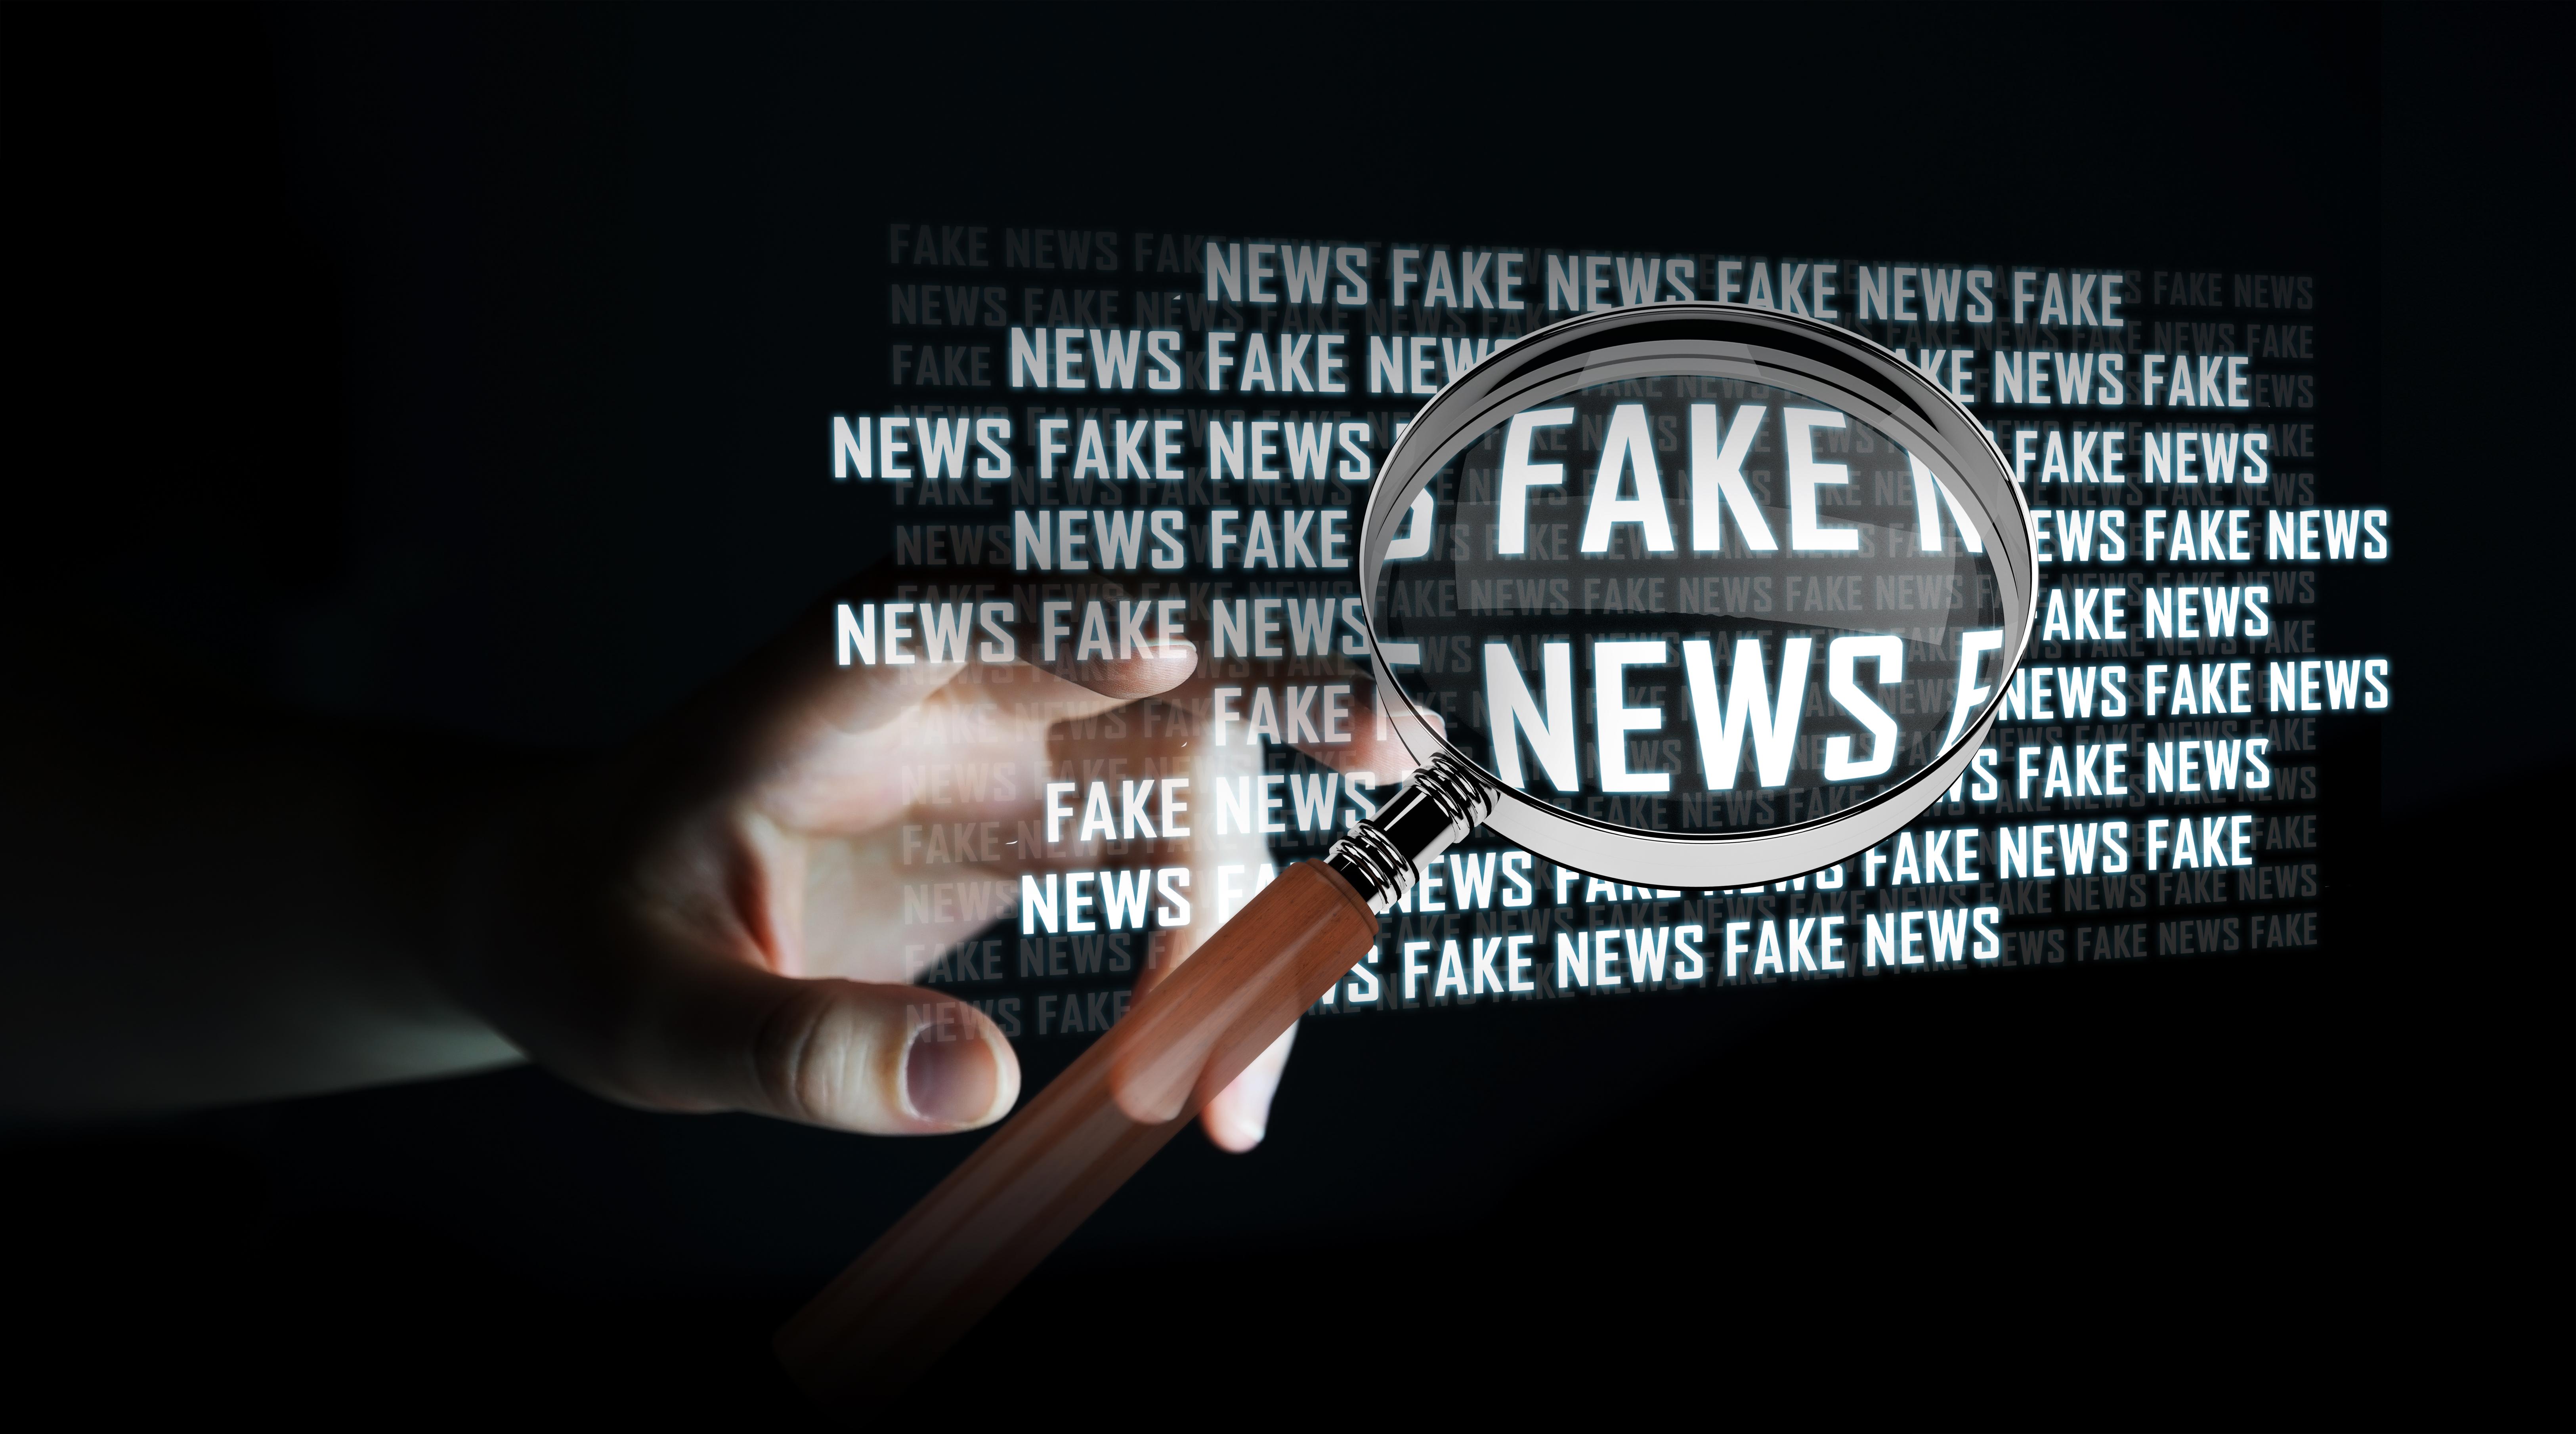 Descrição da imagem da notícia